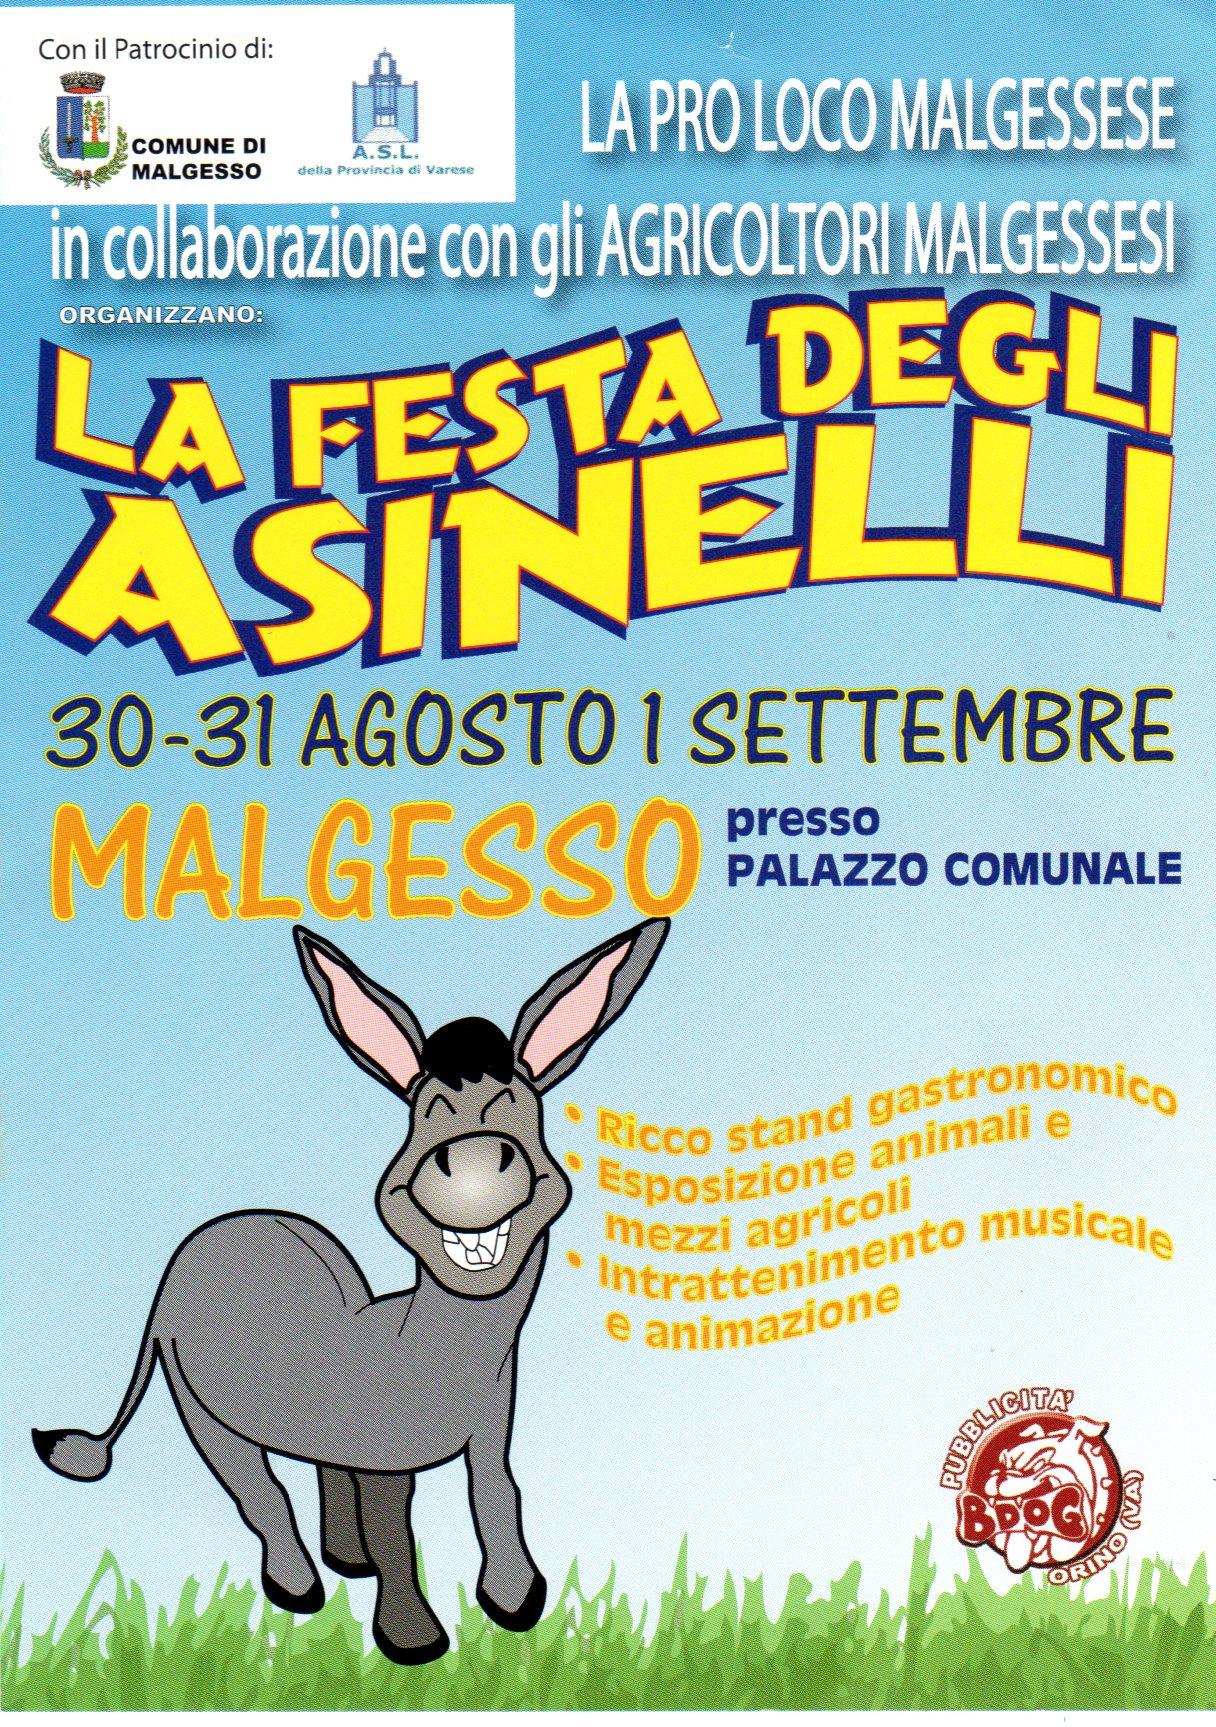 CorsadegliAsinelli_aMalgesso001